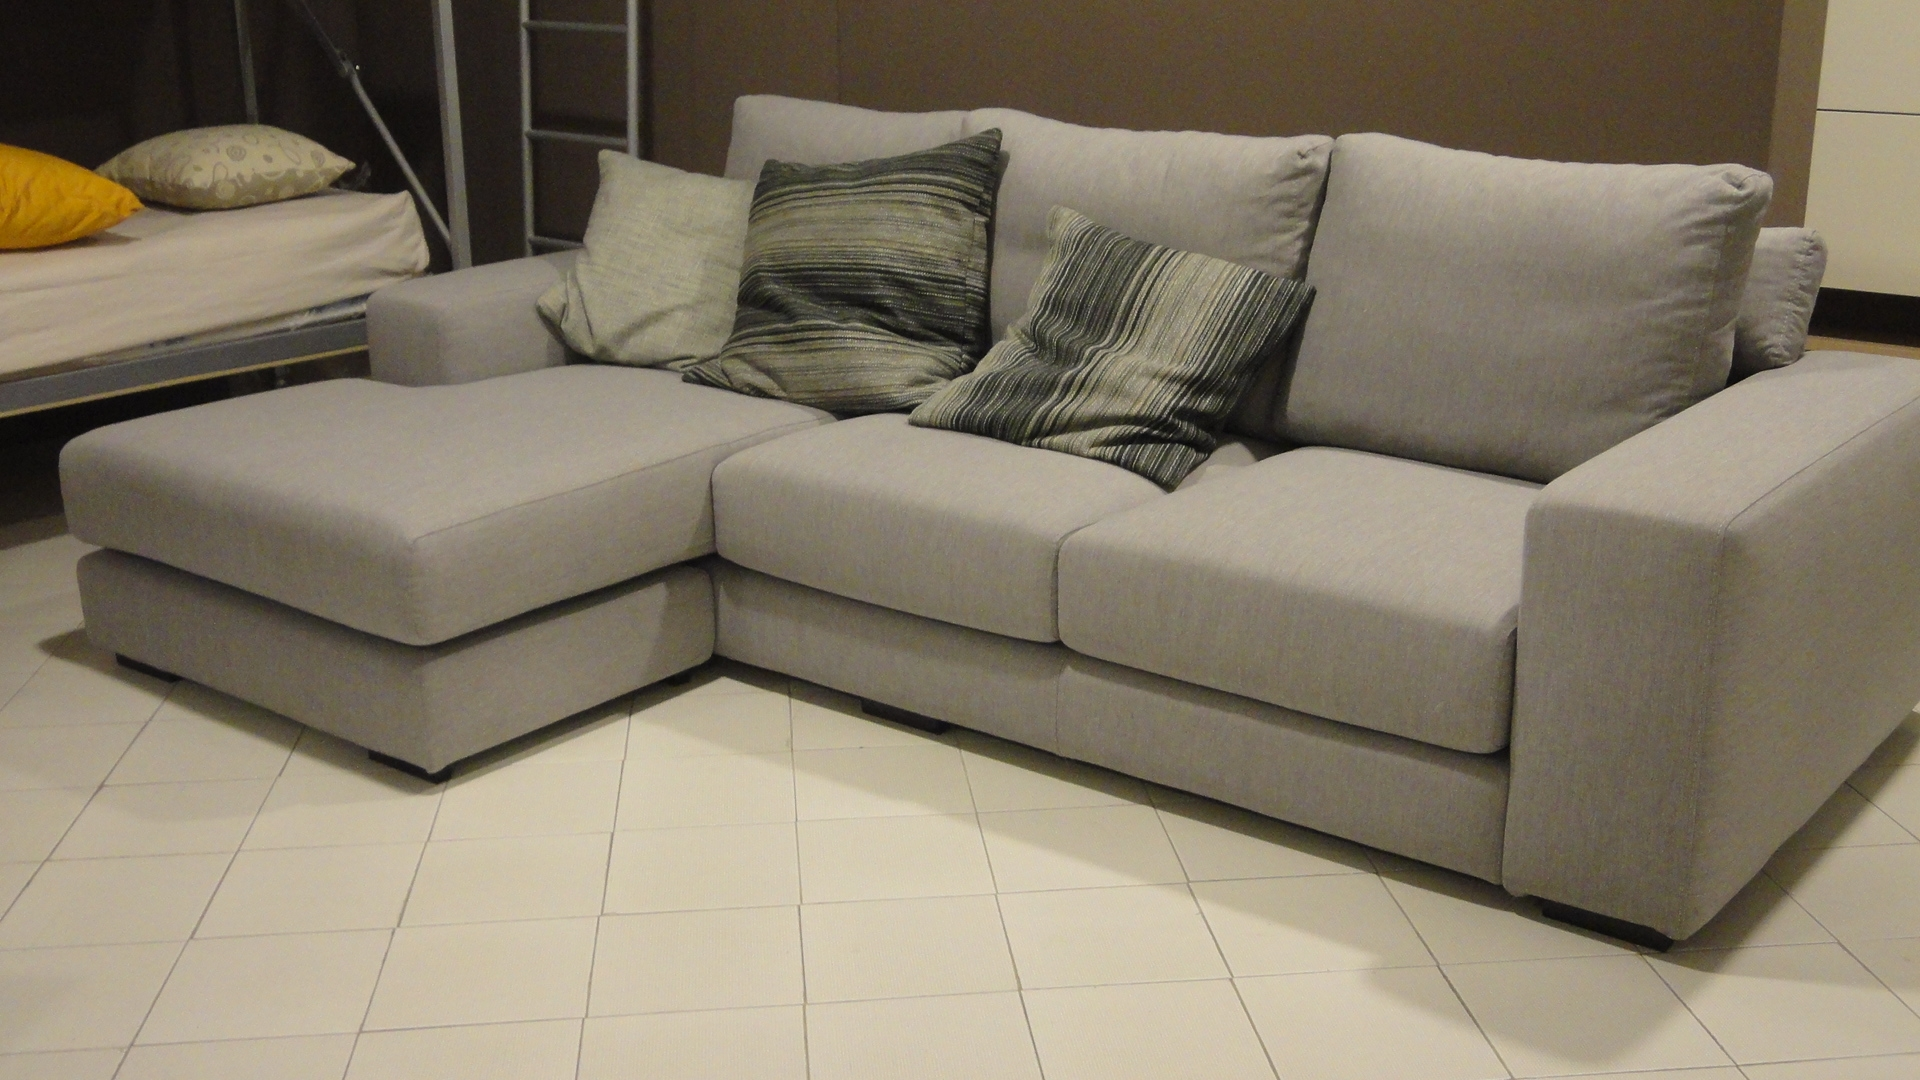 Gimas salotti divano verdi divani con penisola divani a for Salotti divani